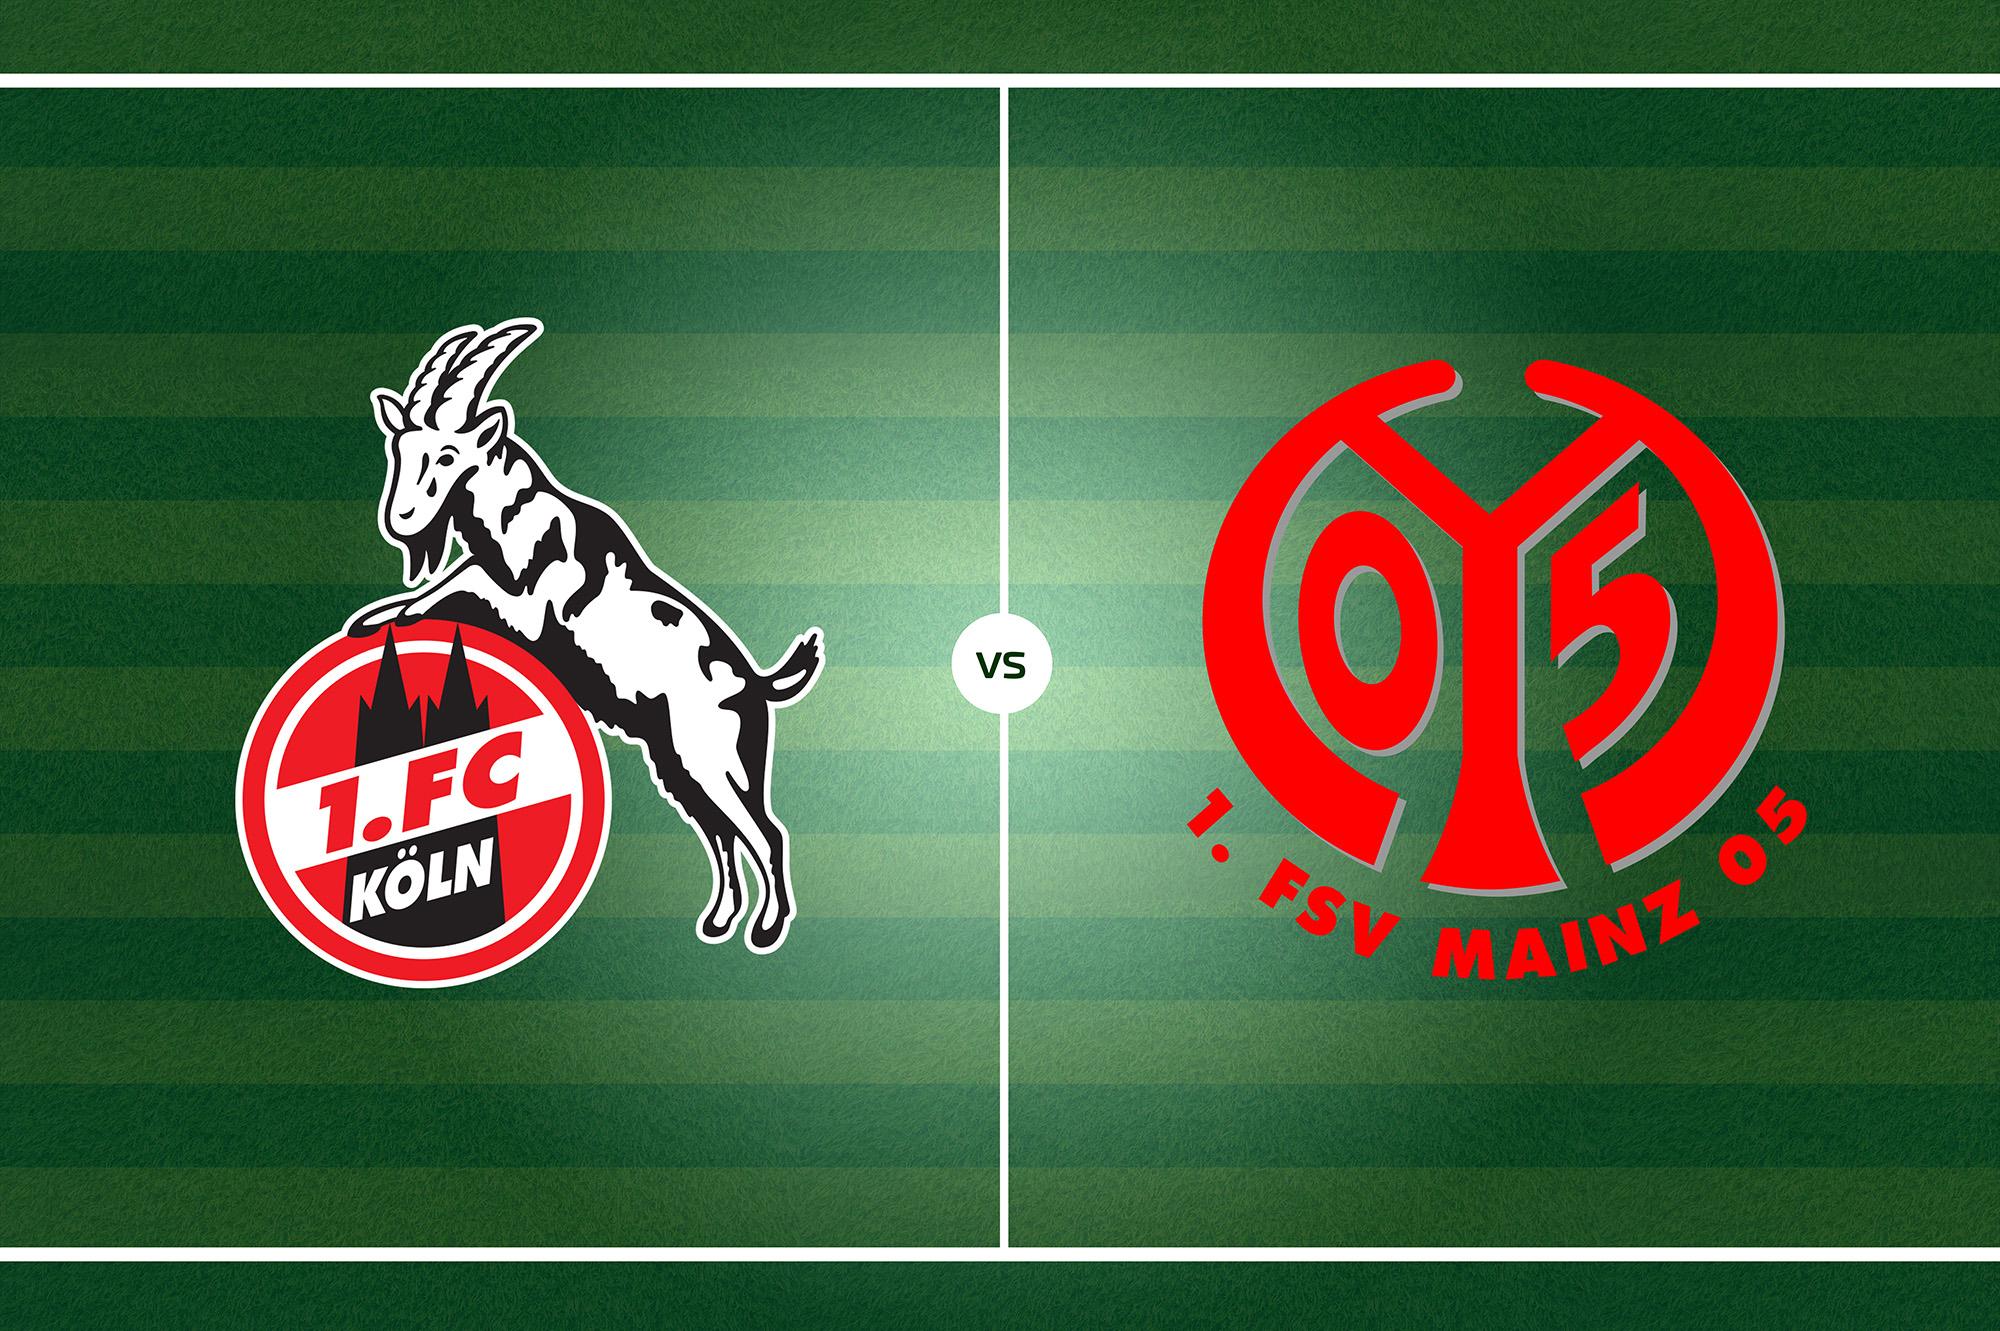 1. Fußballbundesliga